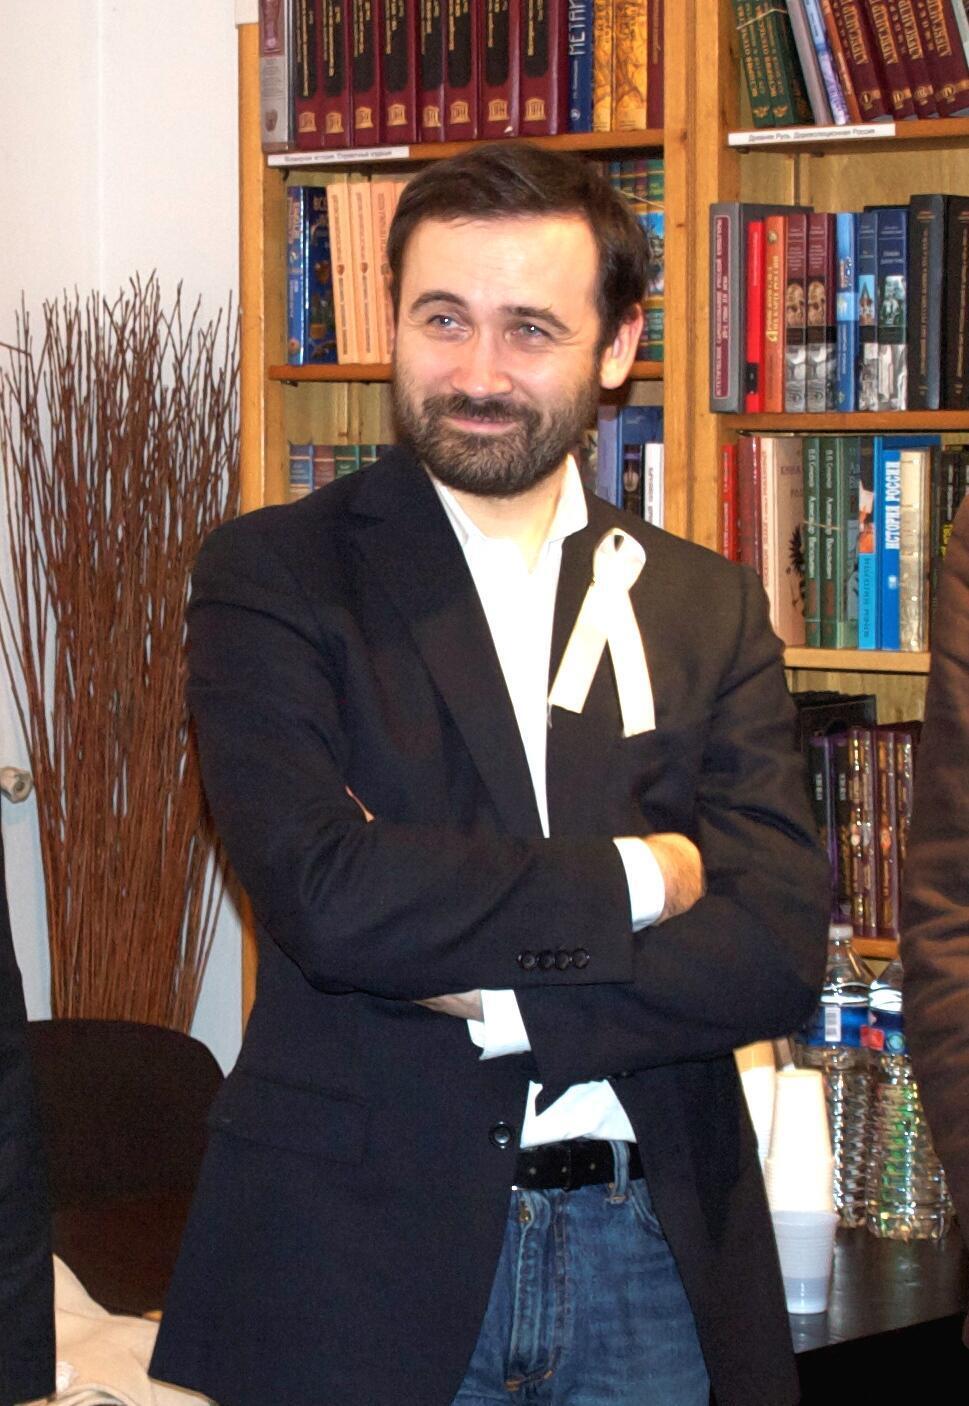 Илья Пономарев, 21 января, 2012